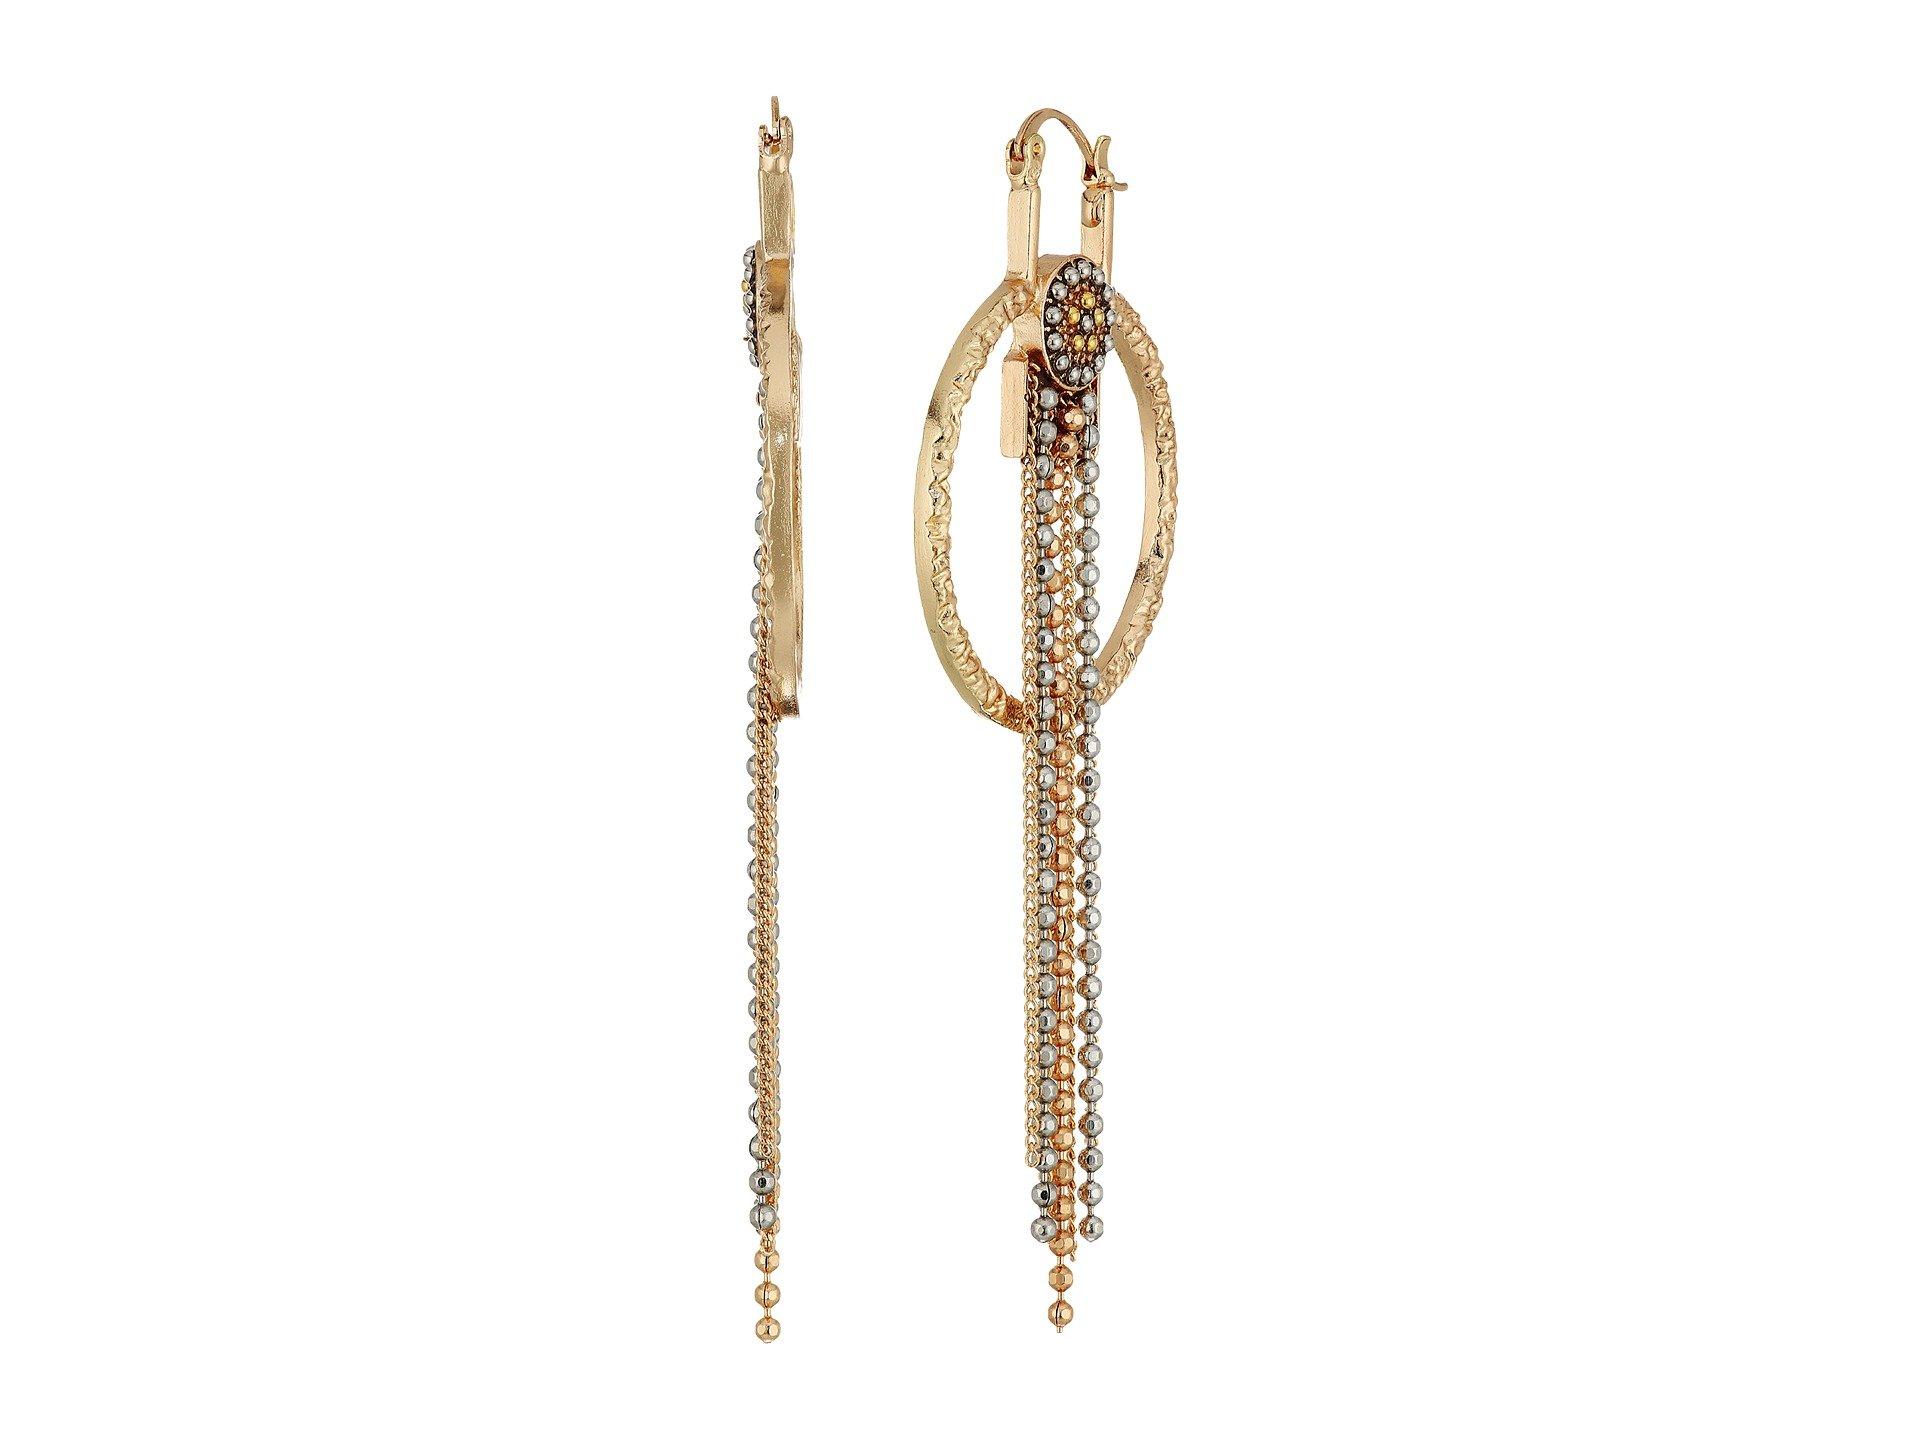 Pendientes para Mujer Steve Madden Ring Bead Chain Fringe Dangle Earrings  + Steve Madden en VeoyCompro.net